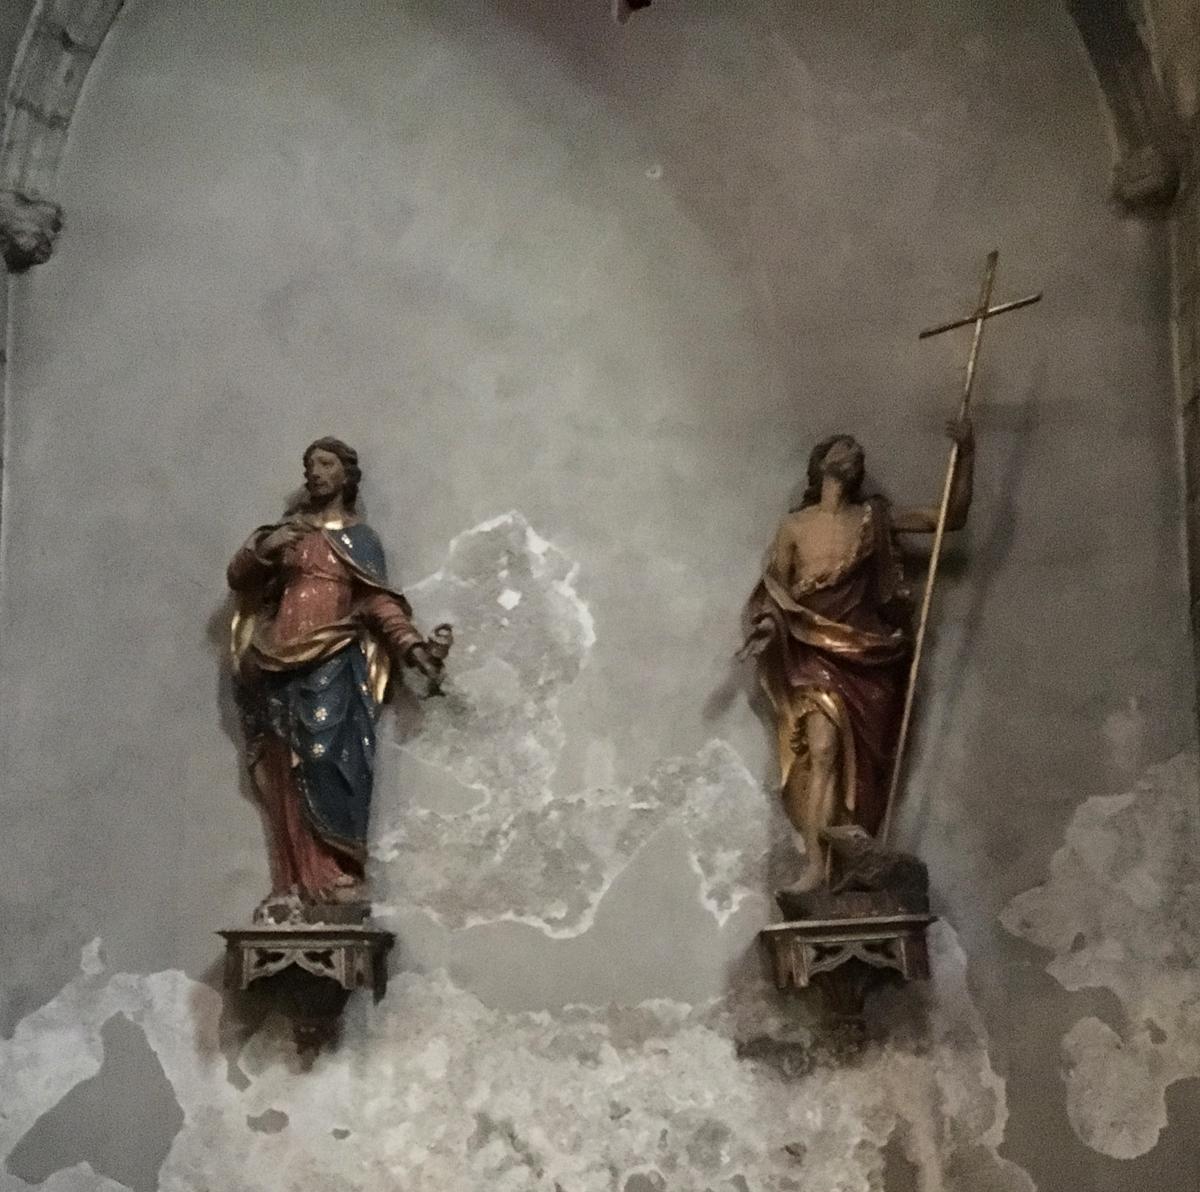 Zwei Skulpturen in der Eglise Notre-Dame-du-Marthuret Riom